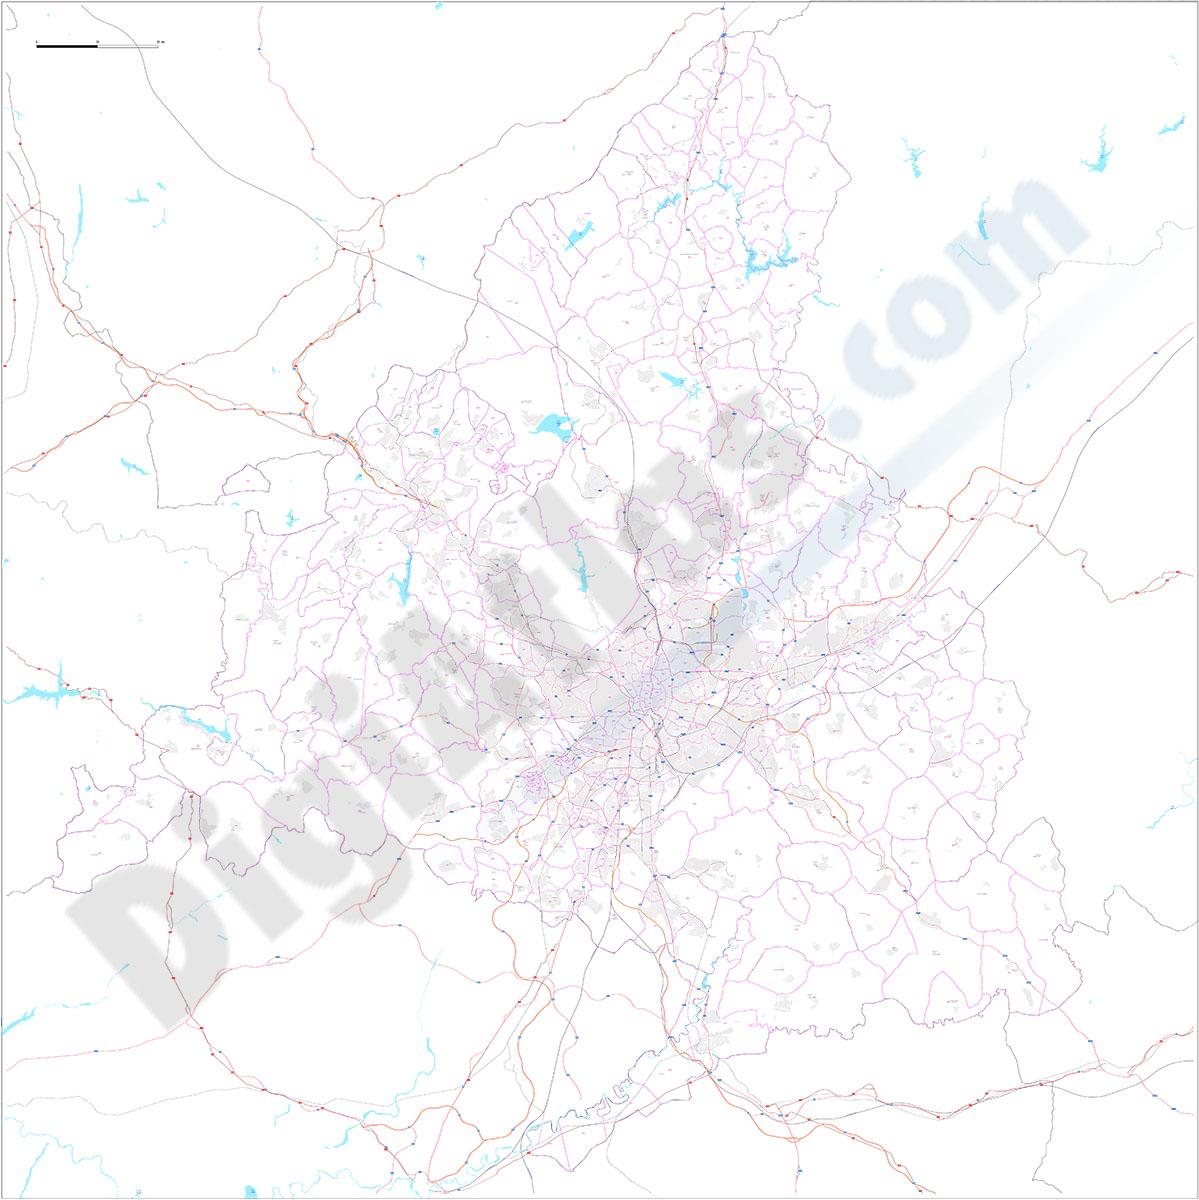 Comunidad de Madrid - Mapa digital con municipios y códigos postales